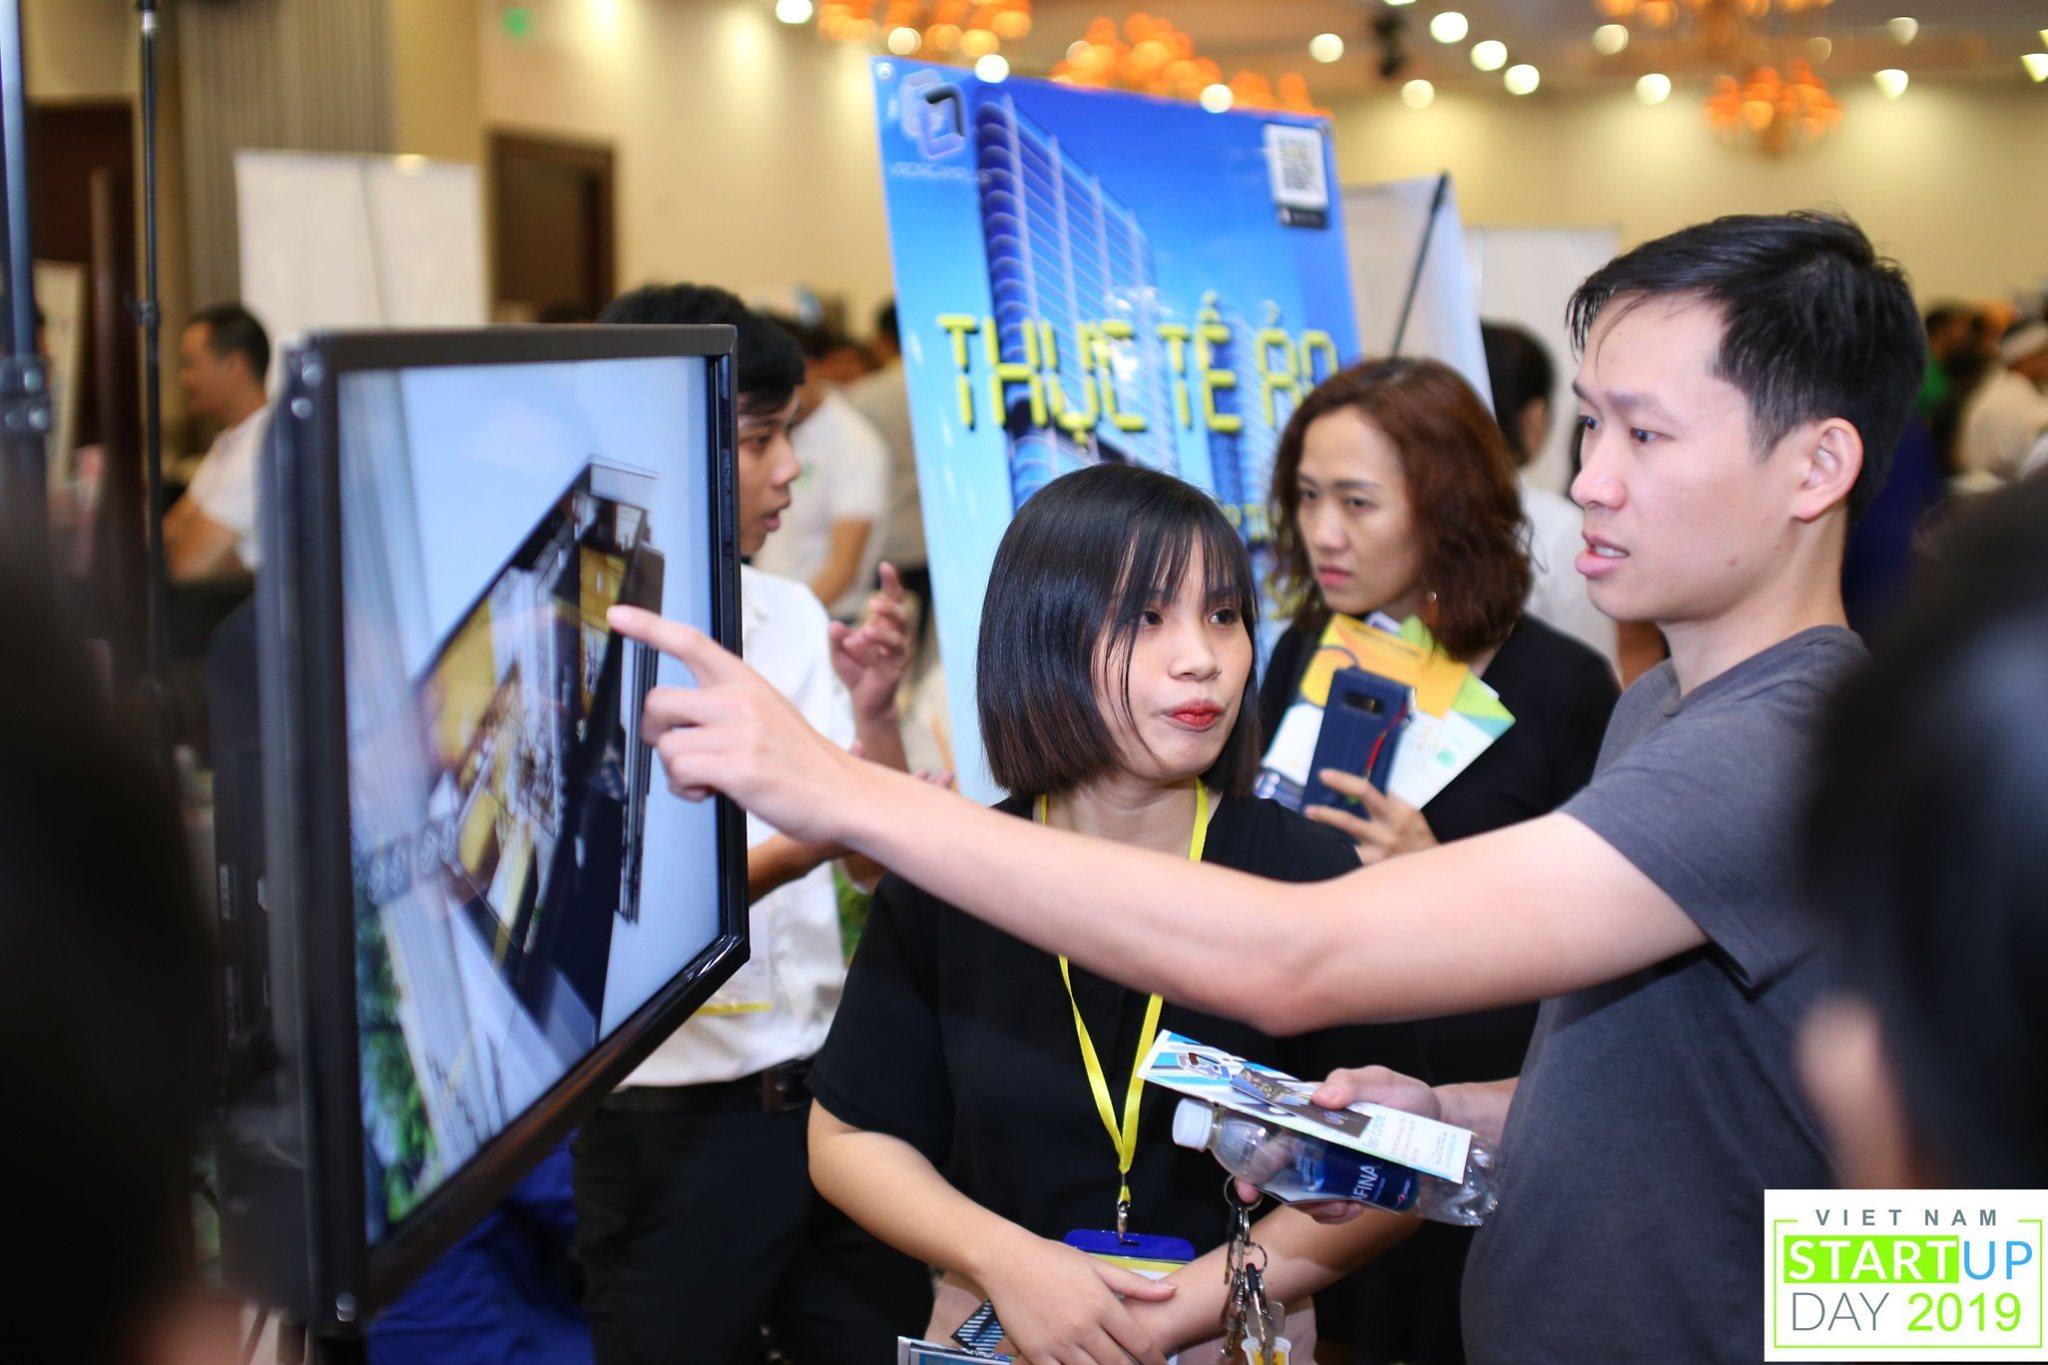 Giới thiệu sản phẩm trong Vietnam Startup day 2019. Ảnh: BTC